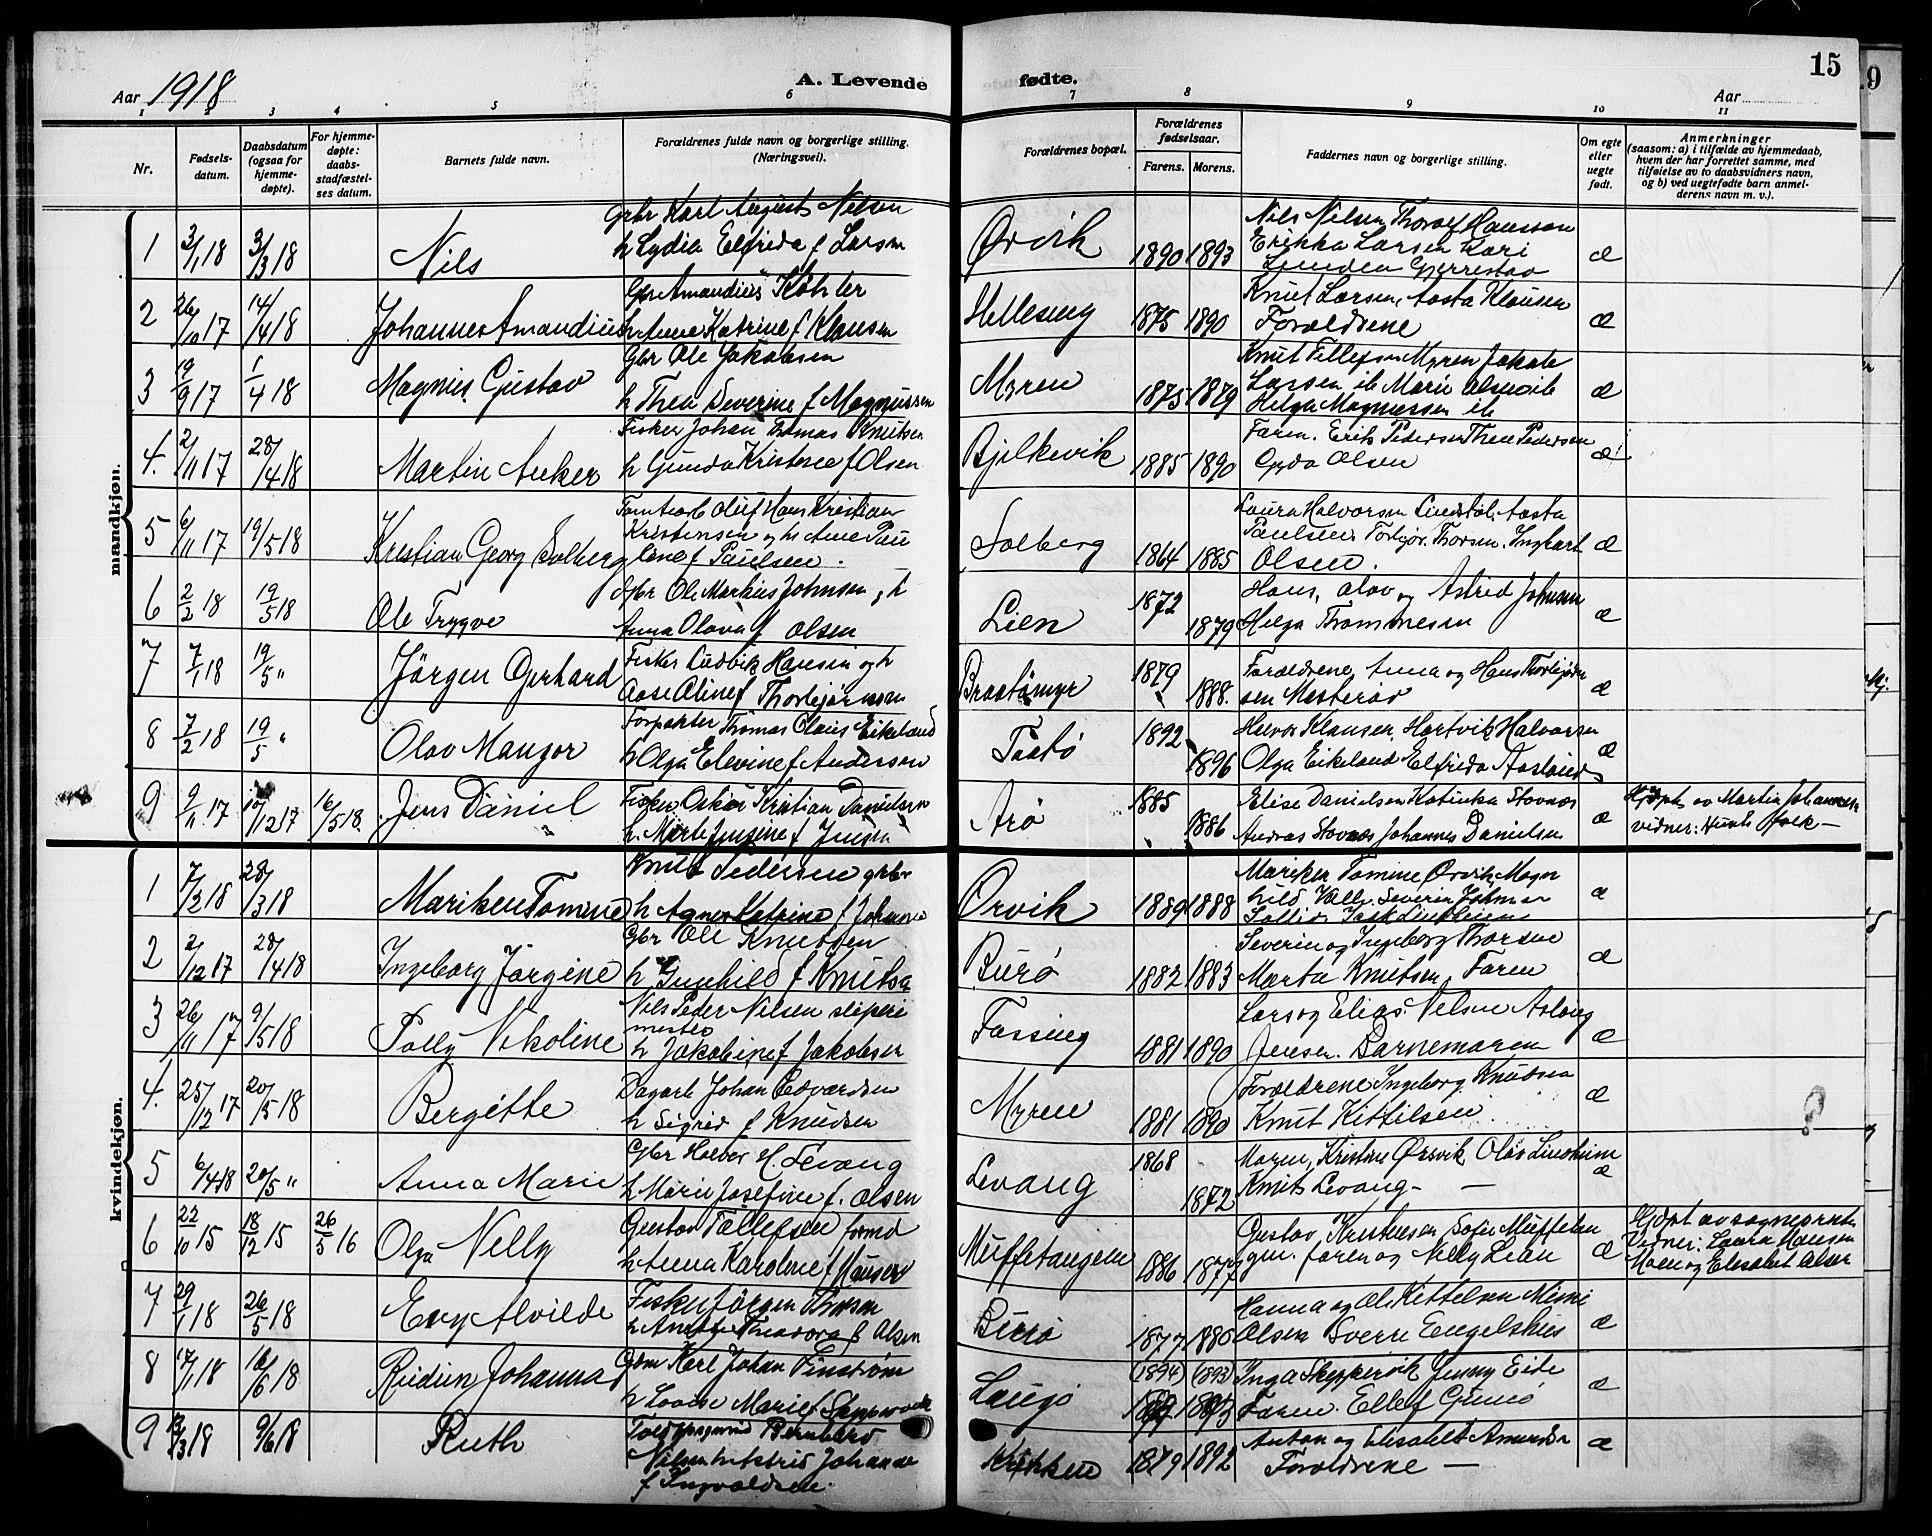 SAKO, Skåtøy kirkebøker, G/Ga/L0005: Klokkerbok nr. I 5, 1915-1925, s. 15